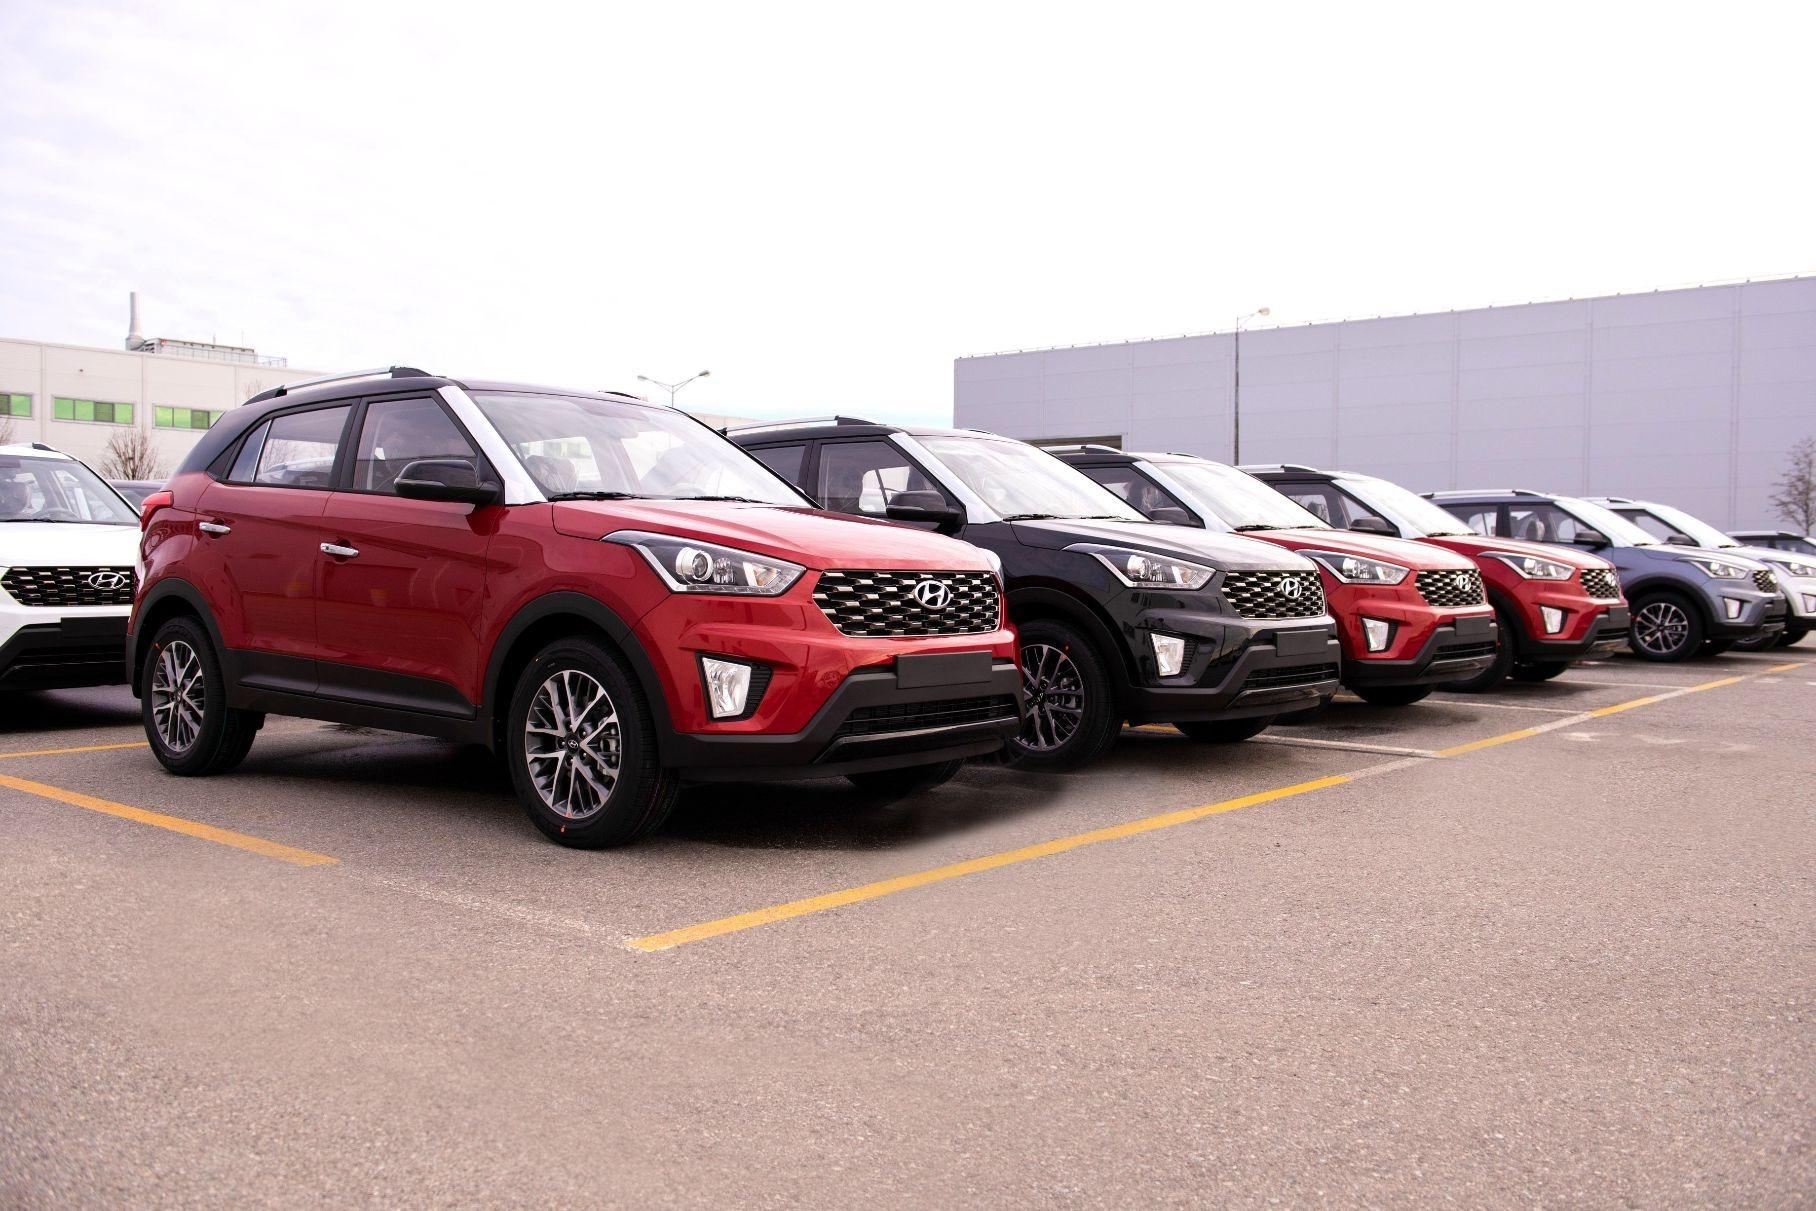 Персональные данные 1,3 млн российских клиентов Hyundai слили в Сеть